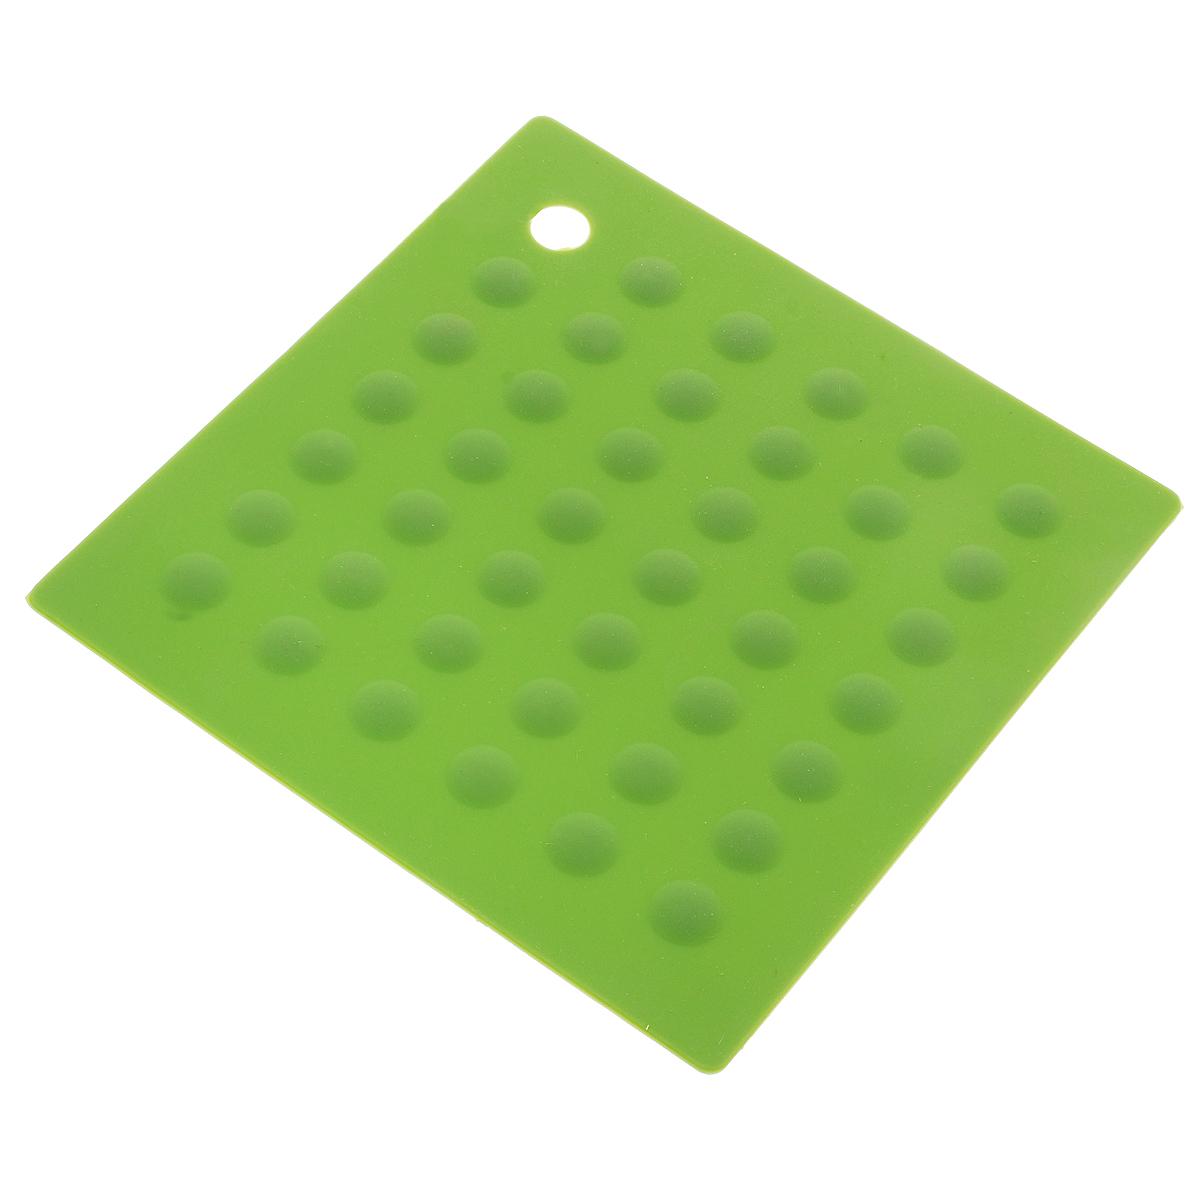 Подставка под горячее LaSella, цвет: зеленый, 17,7 х 17,7 смAYW173_зеленыйПодставка под горячее LaSella изготовлена из чистого силикона. Выдерживает температуру от -50°С до +250°С. Оригинальный дизайн внесет свежесть и новизну в интерьер вашей кухни. Подставка не занимает много места, ее можно хранить в свернутом виде. Подставка под горячее станет незаменимым помощником на кухне.